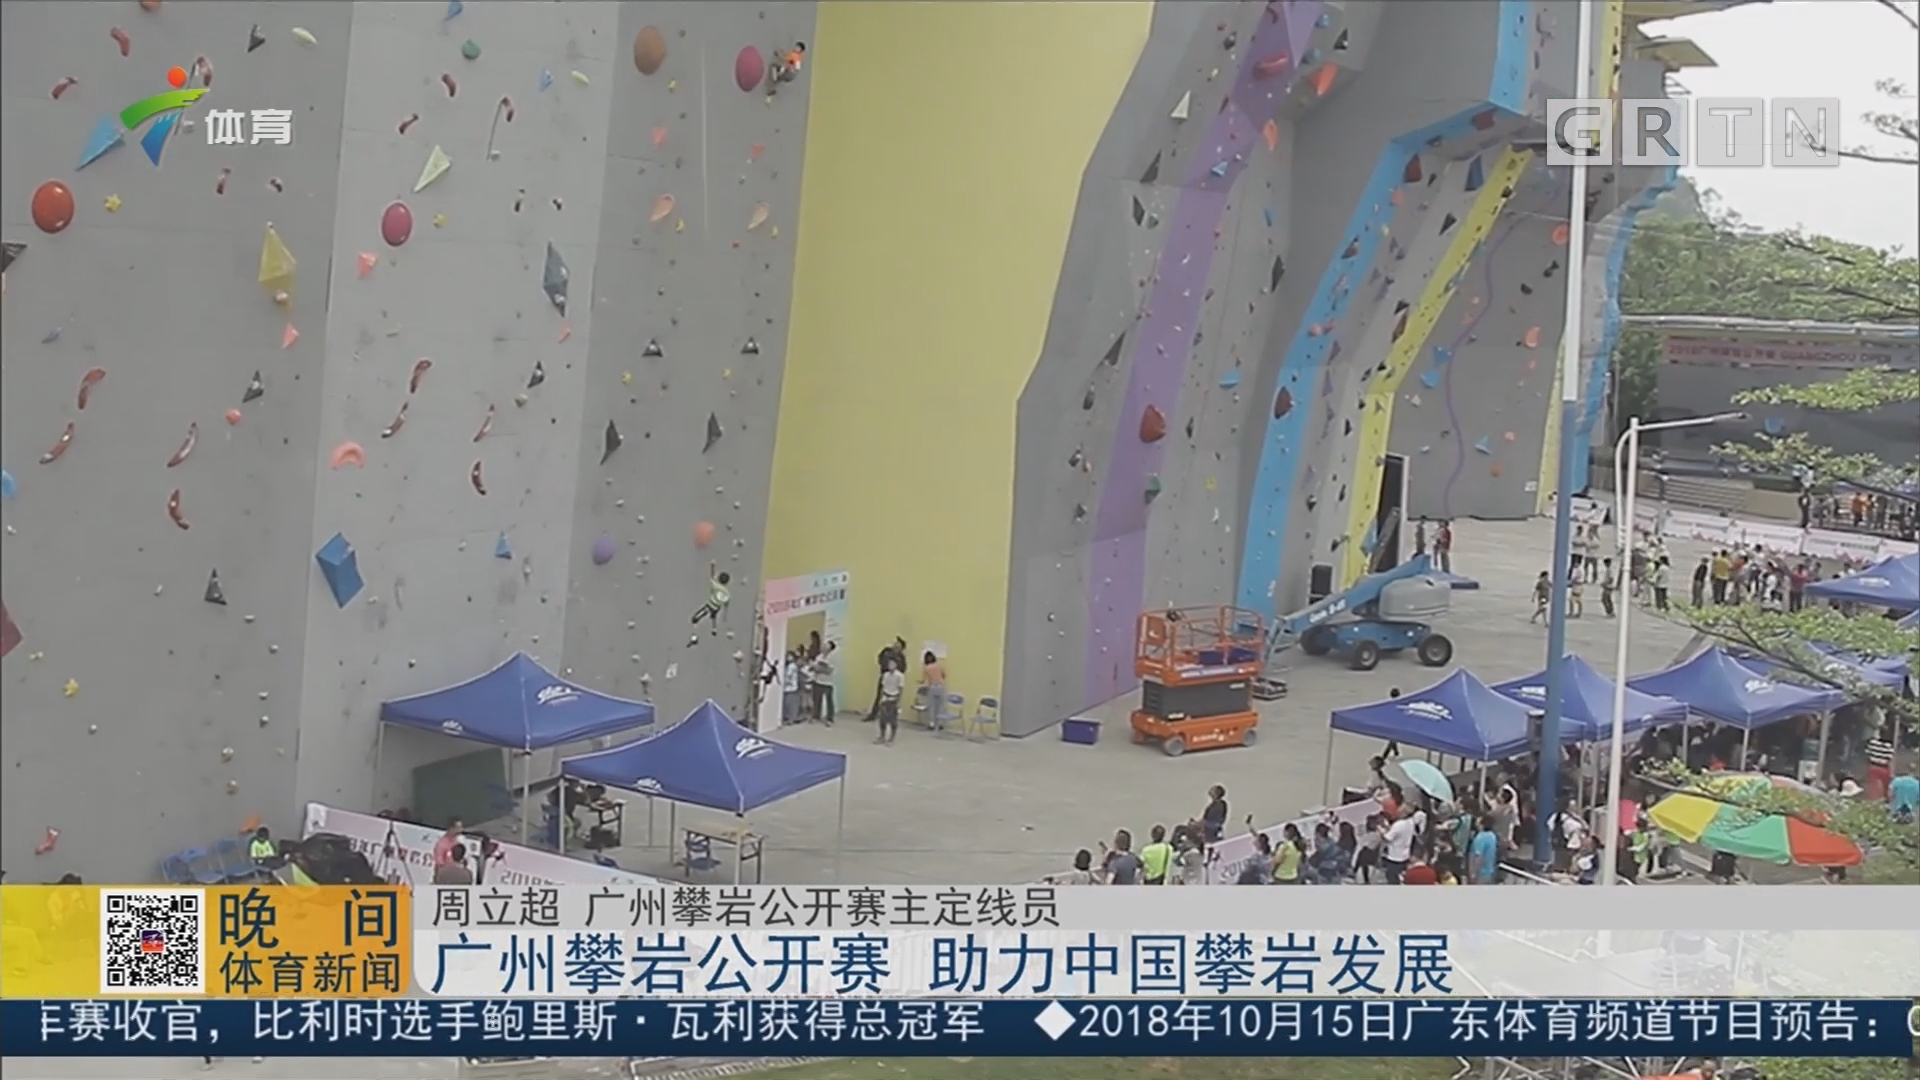 广州攀岩公开赛 助力中国攀岩发展